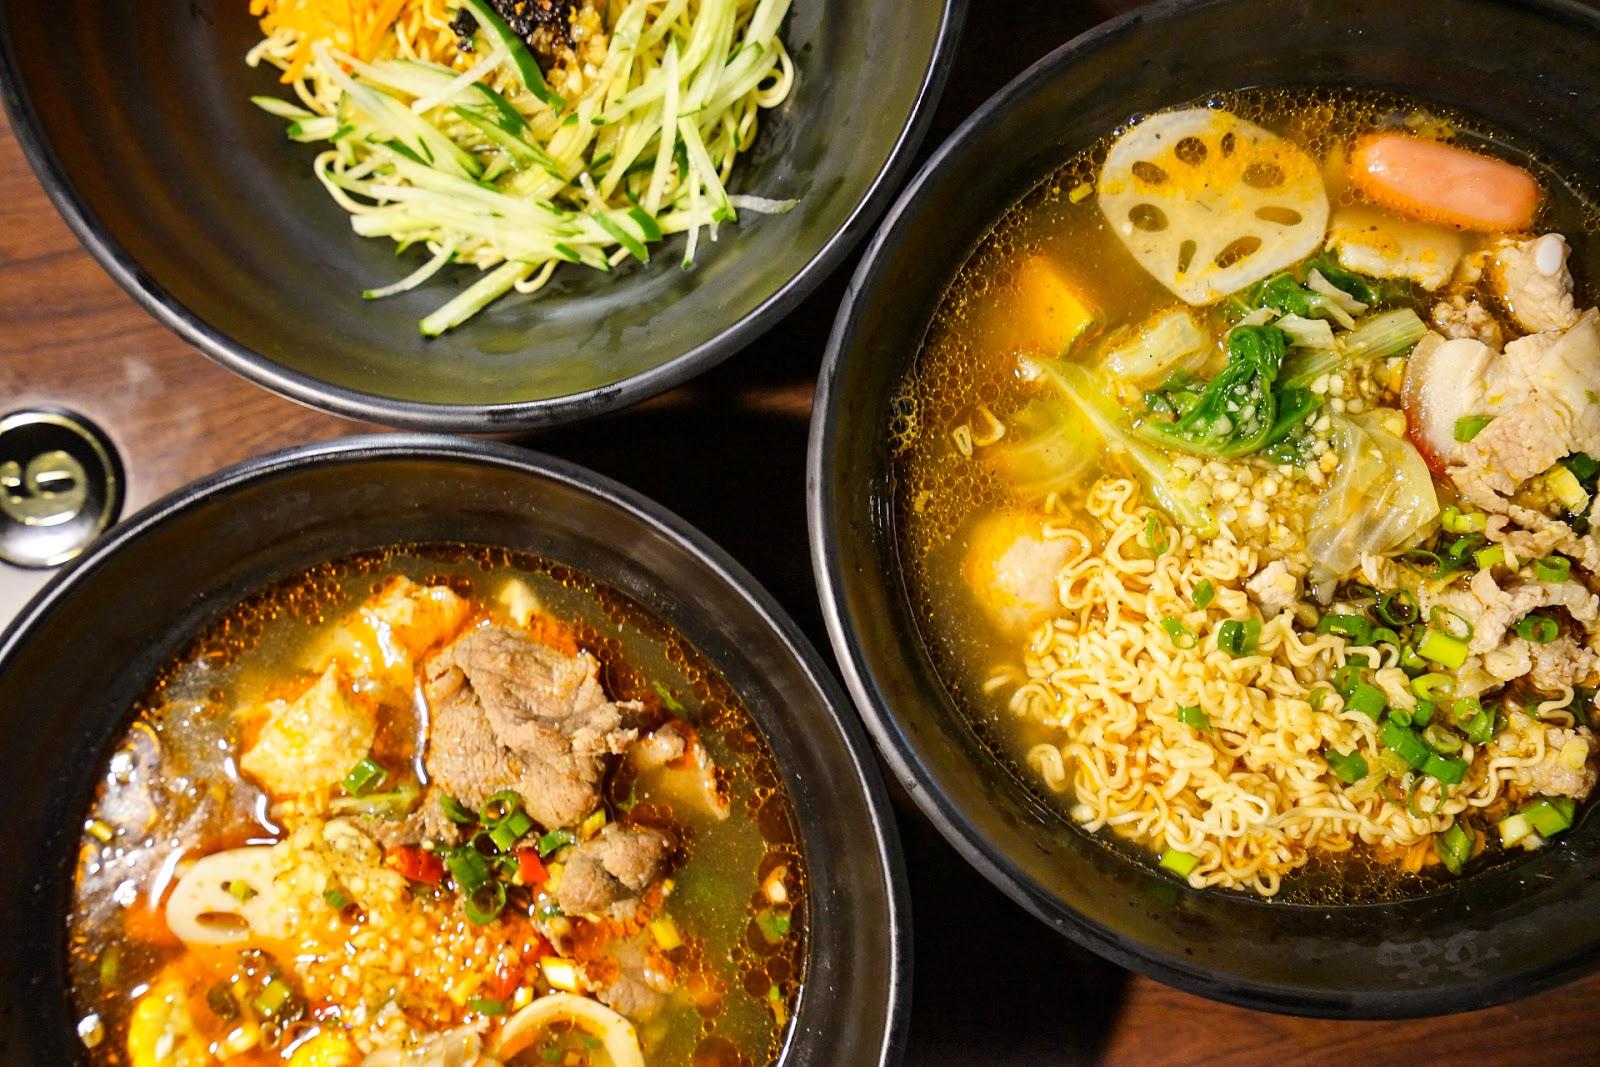 板橋辣屋川味冒菜|來自四川的麻辣小火鍋&涼麵  必點四川特色小菜狼牙土豆